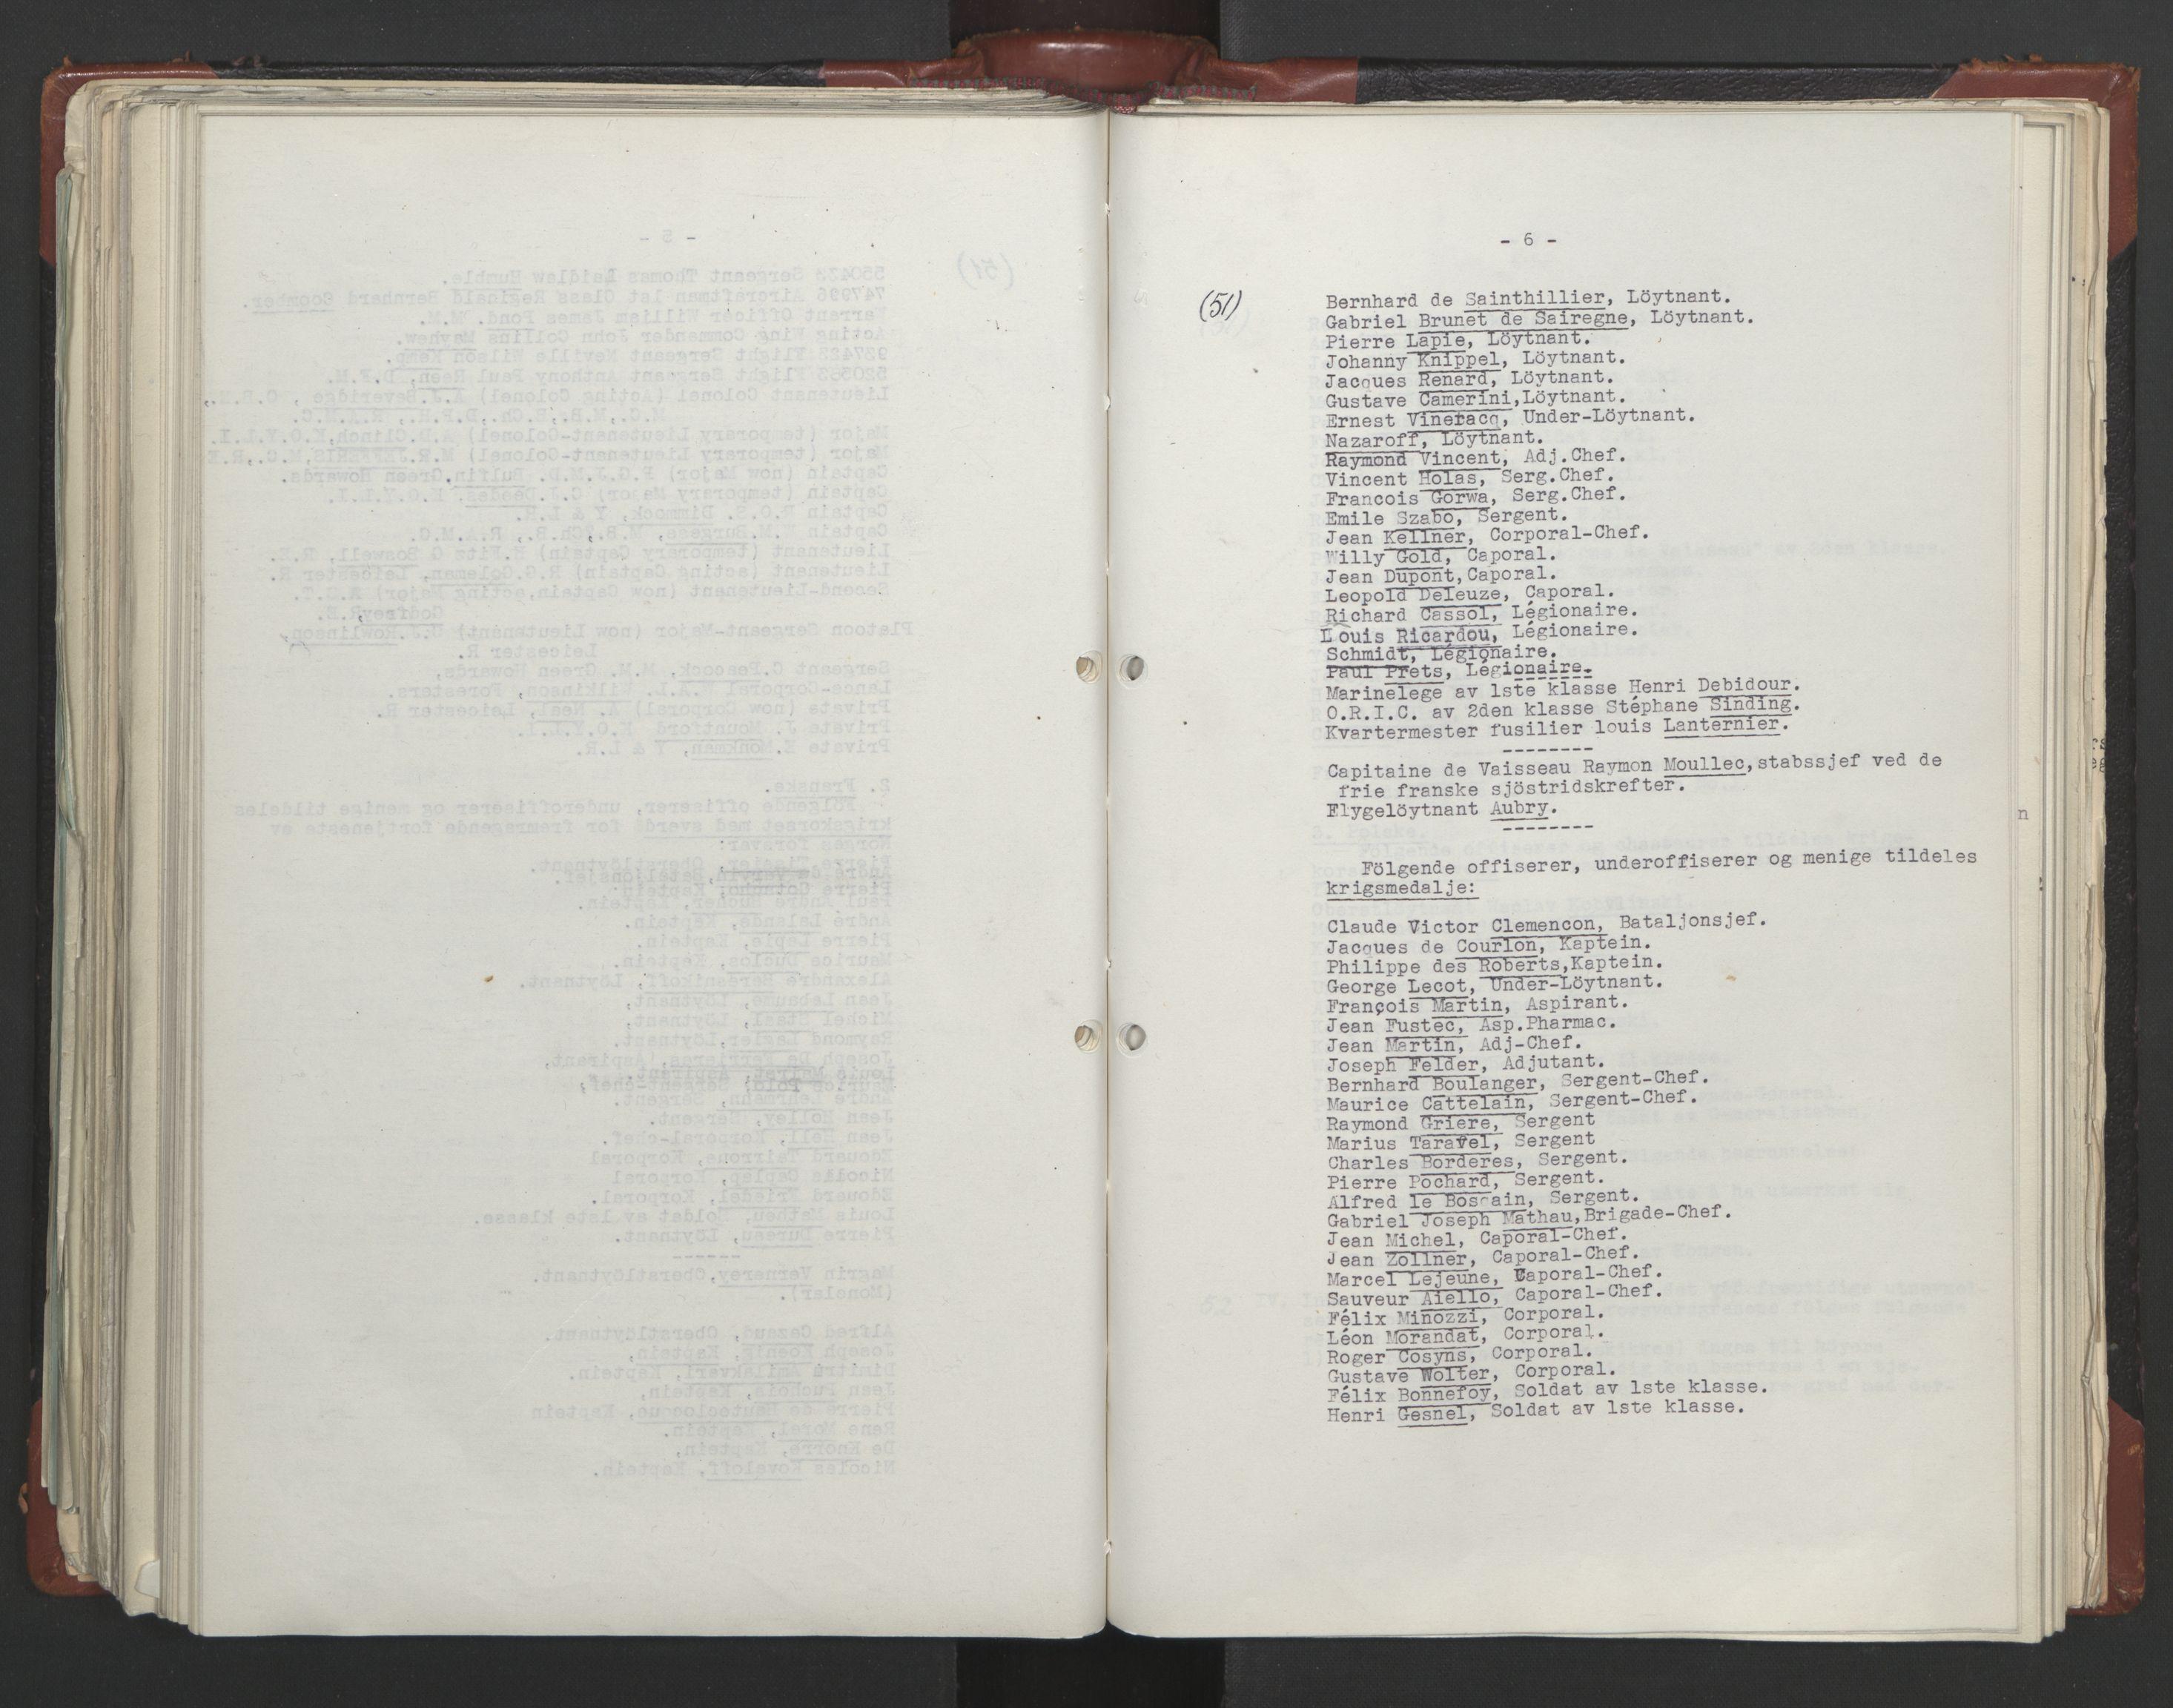 RA, Statsrådssekretariatet, A/Ac/L0122: Kgl. res. (9/4) 17/4 1940 -18/12 1942, 1940-1942, s. 276